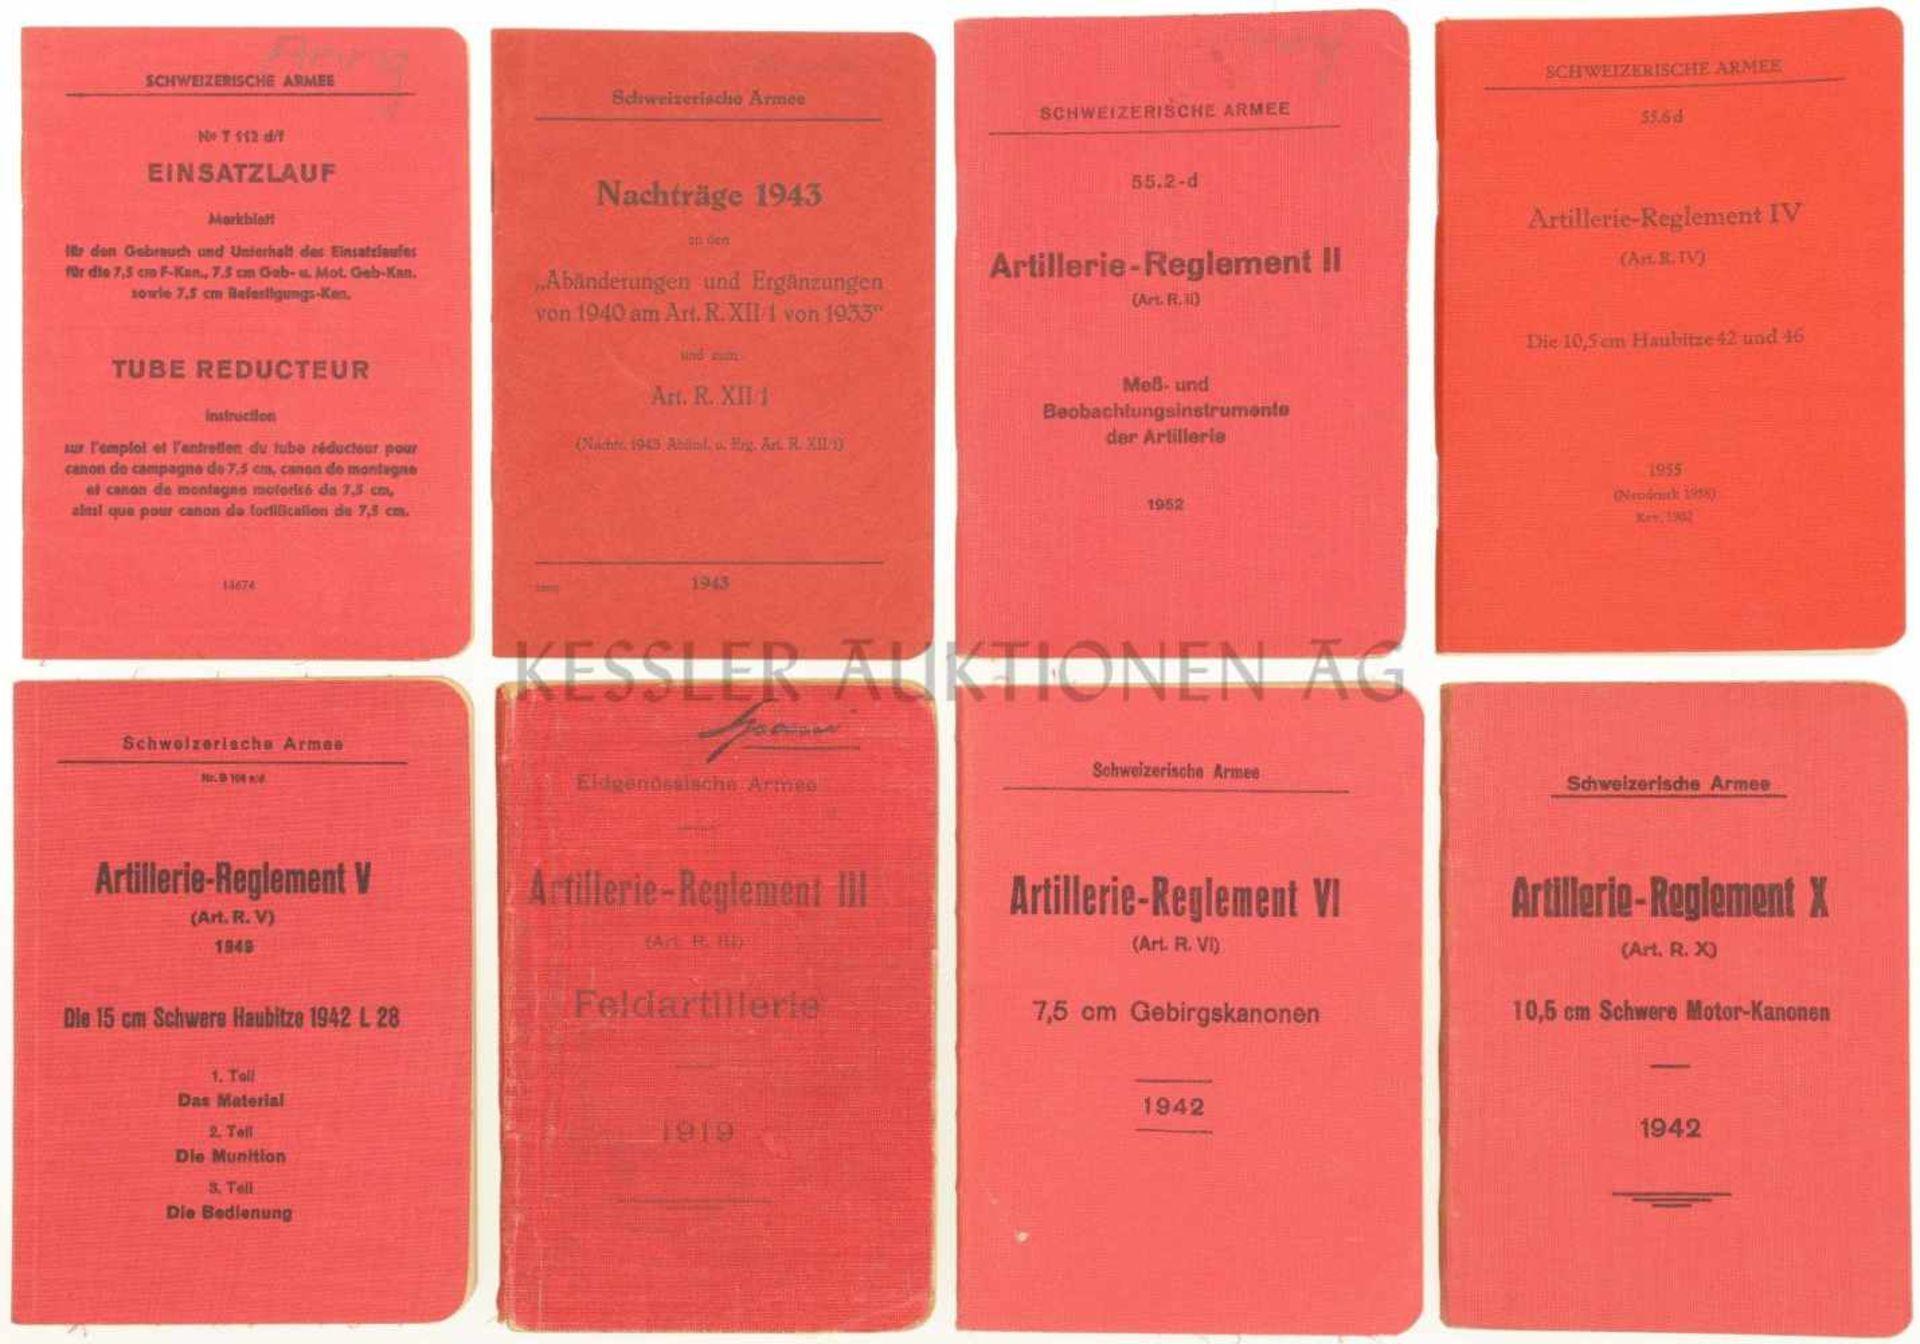 Konvolut von 8 Artillerie-Reglementen 1. Artillerie-Reglement X, von 1942. 2. Artillerie-Reglement